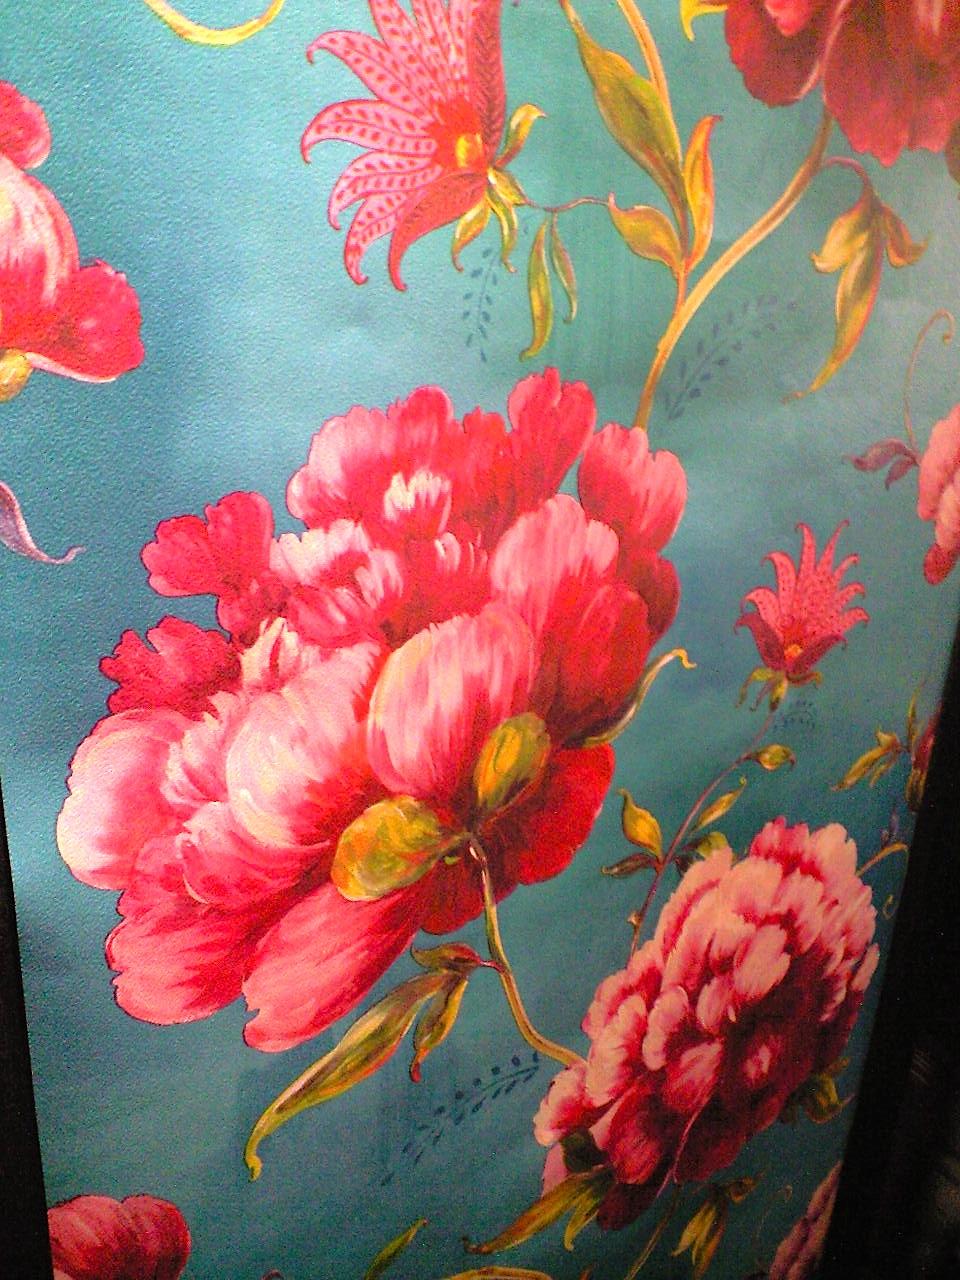 輸入壁紙のすすめ(花柄)_c0157866_11424124.jpg